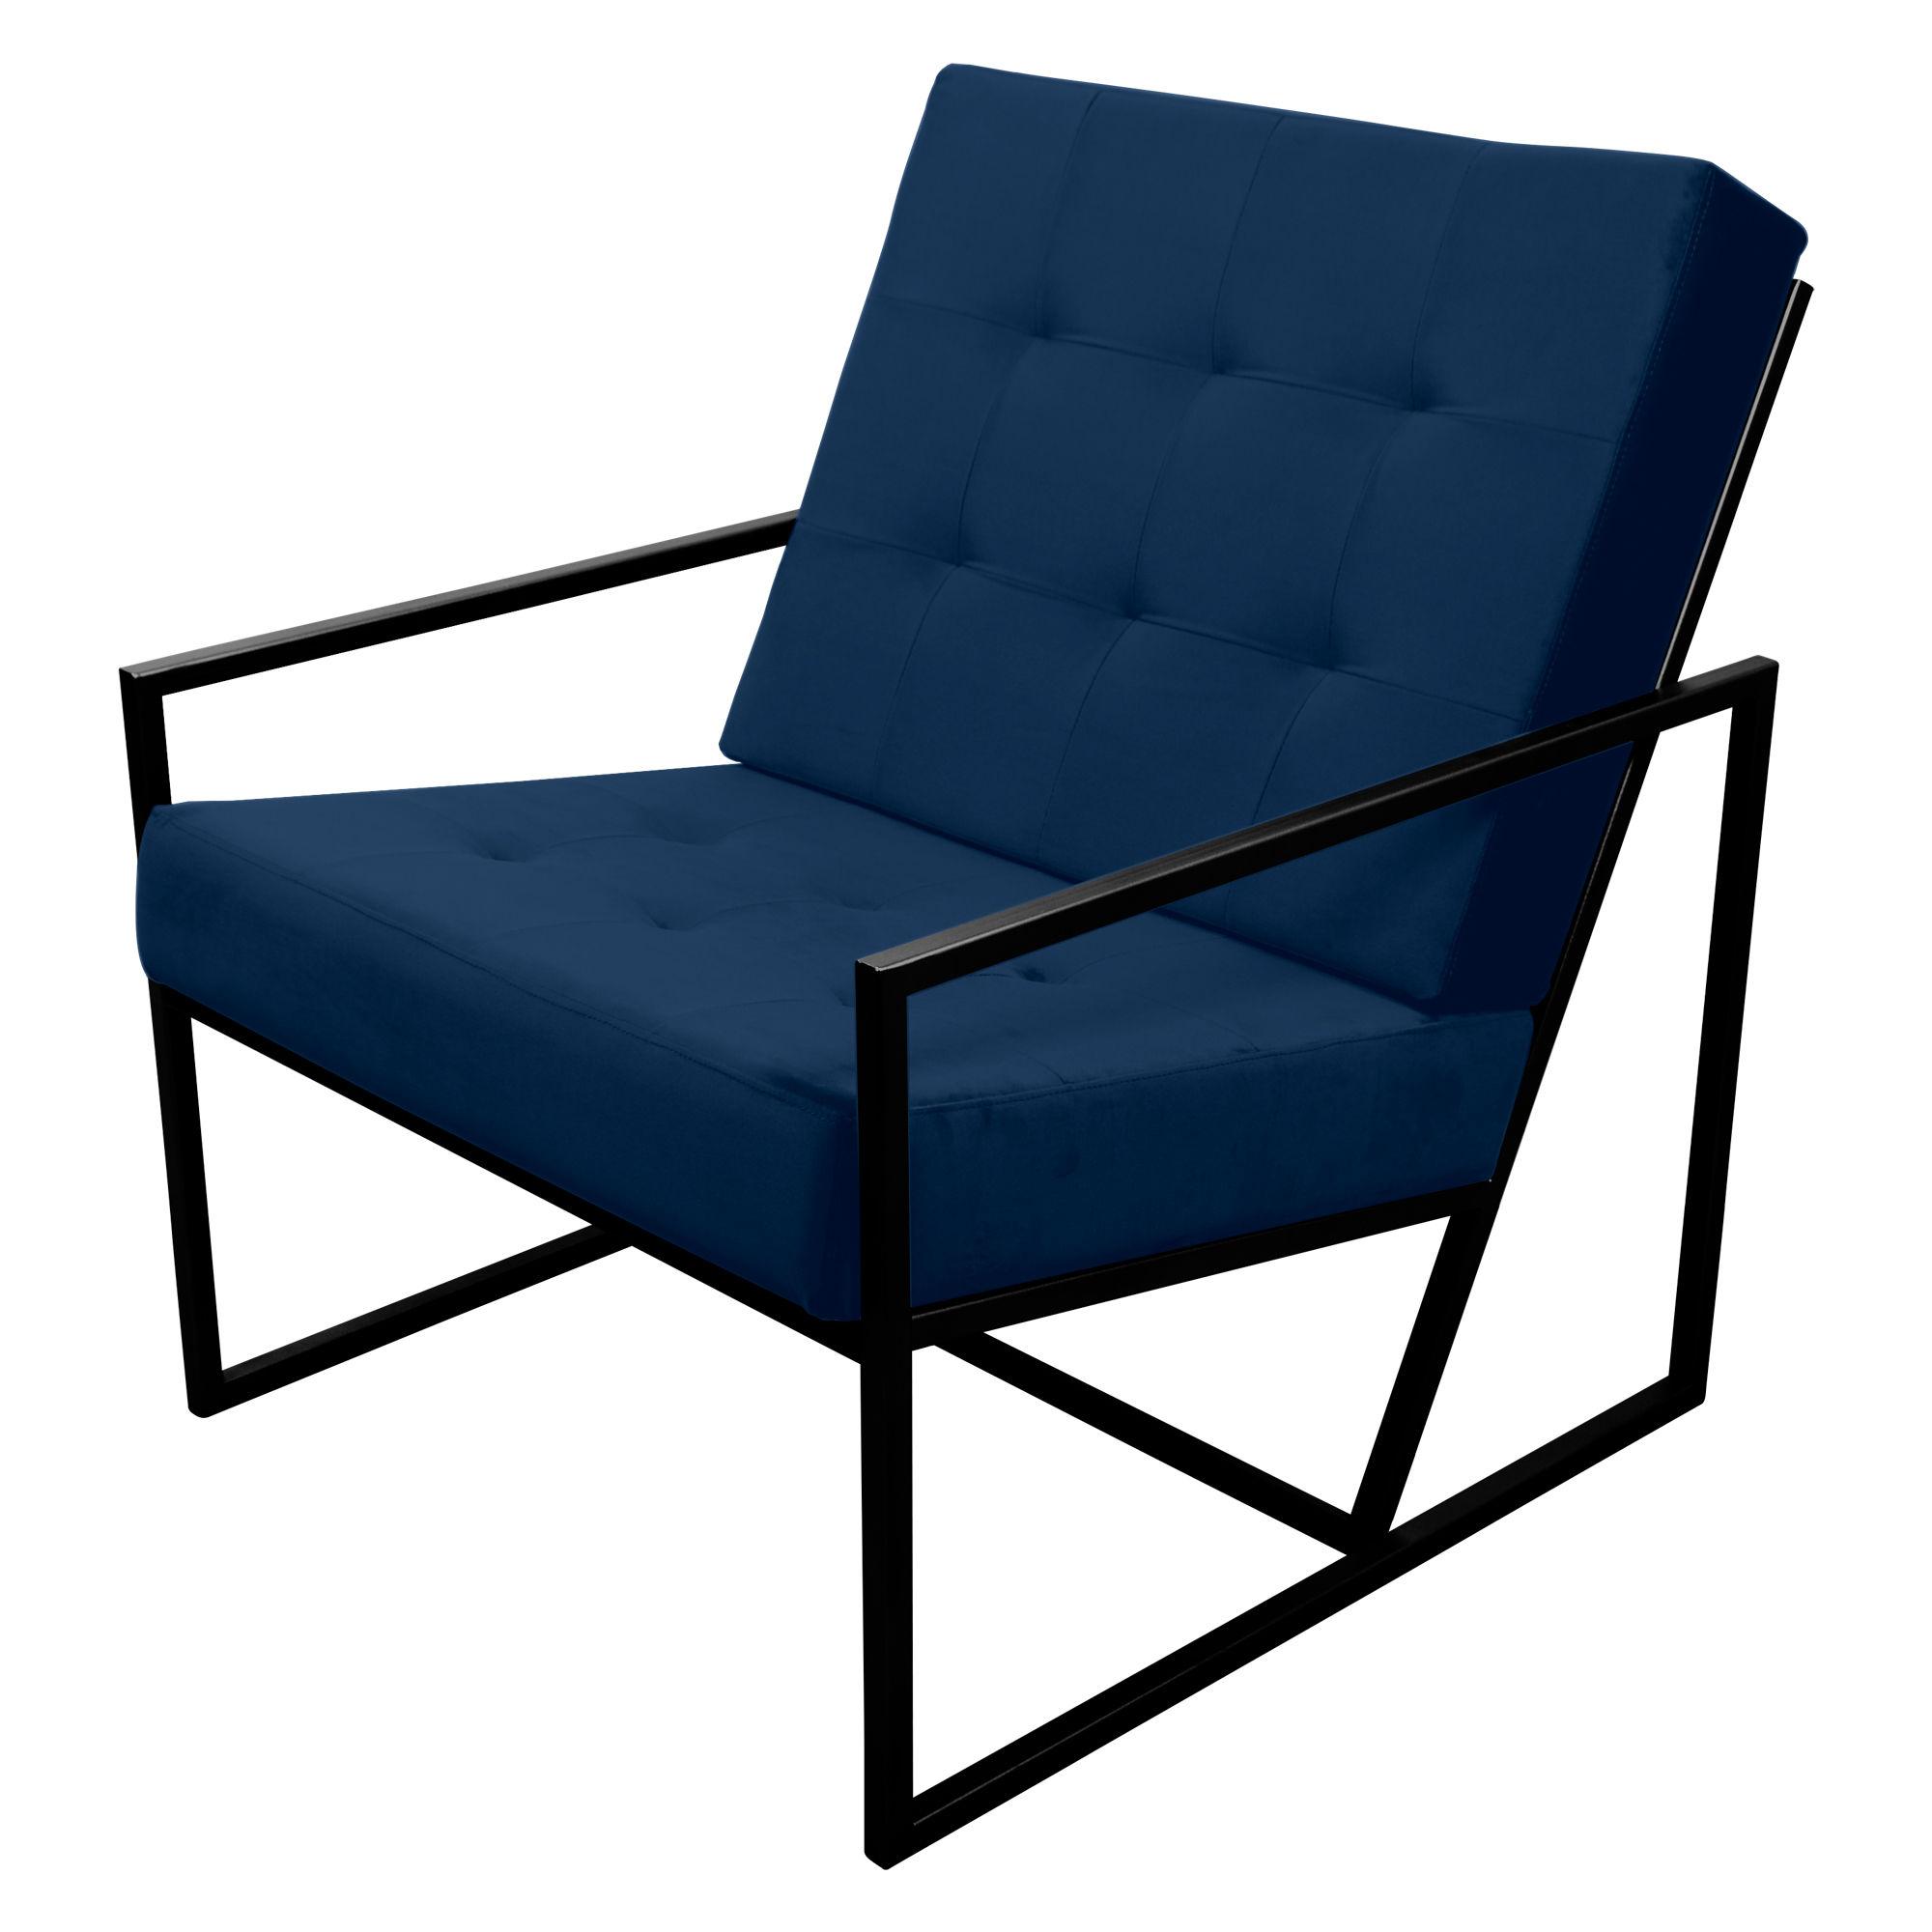 Poltrona de ferro preto com tecido azul